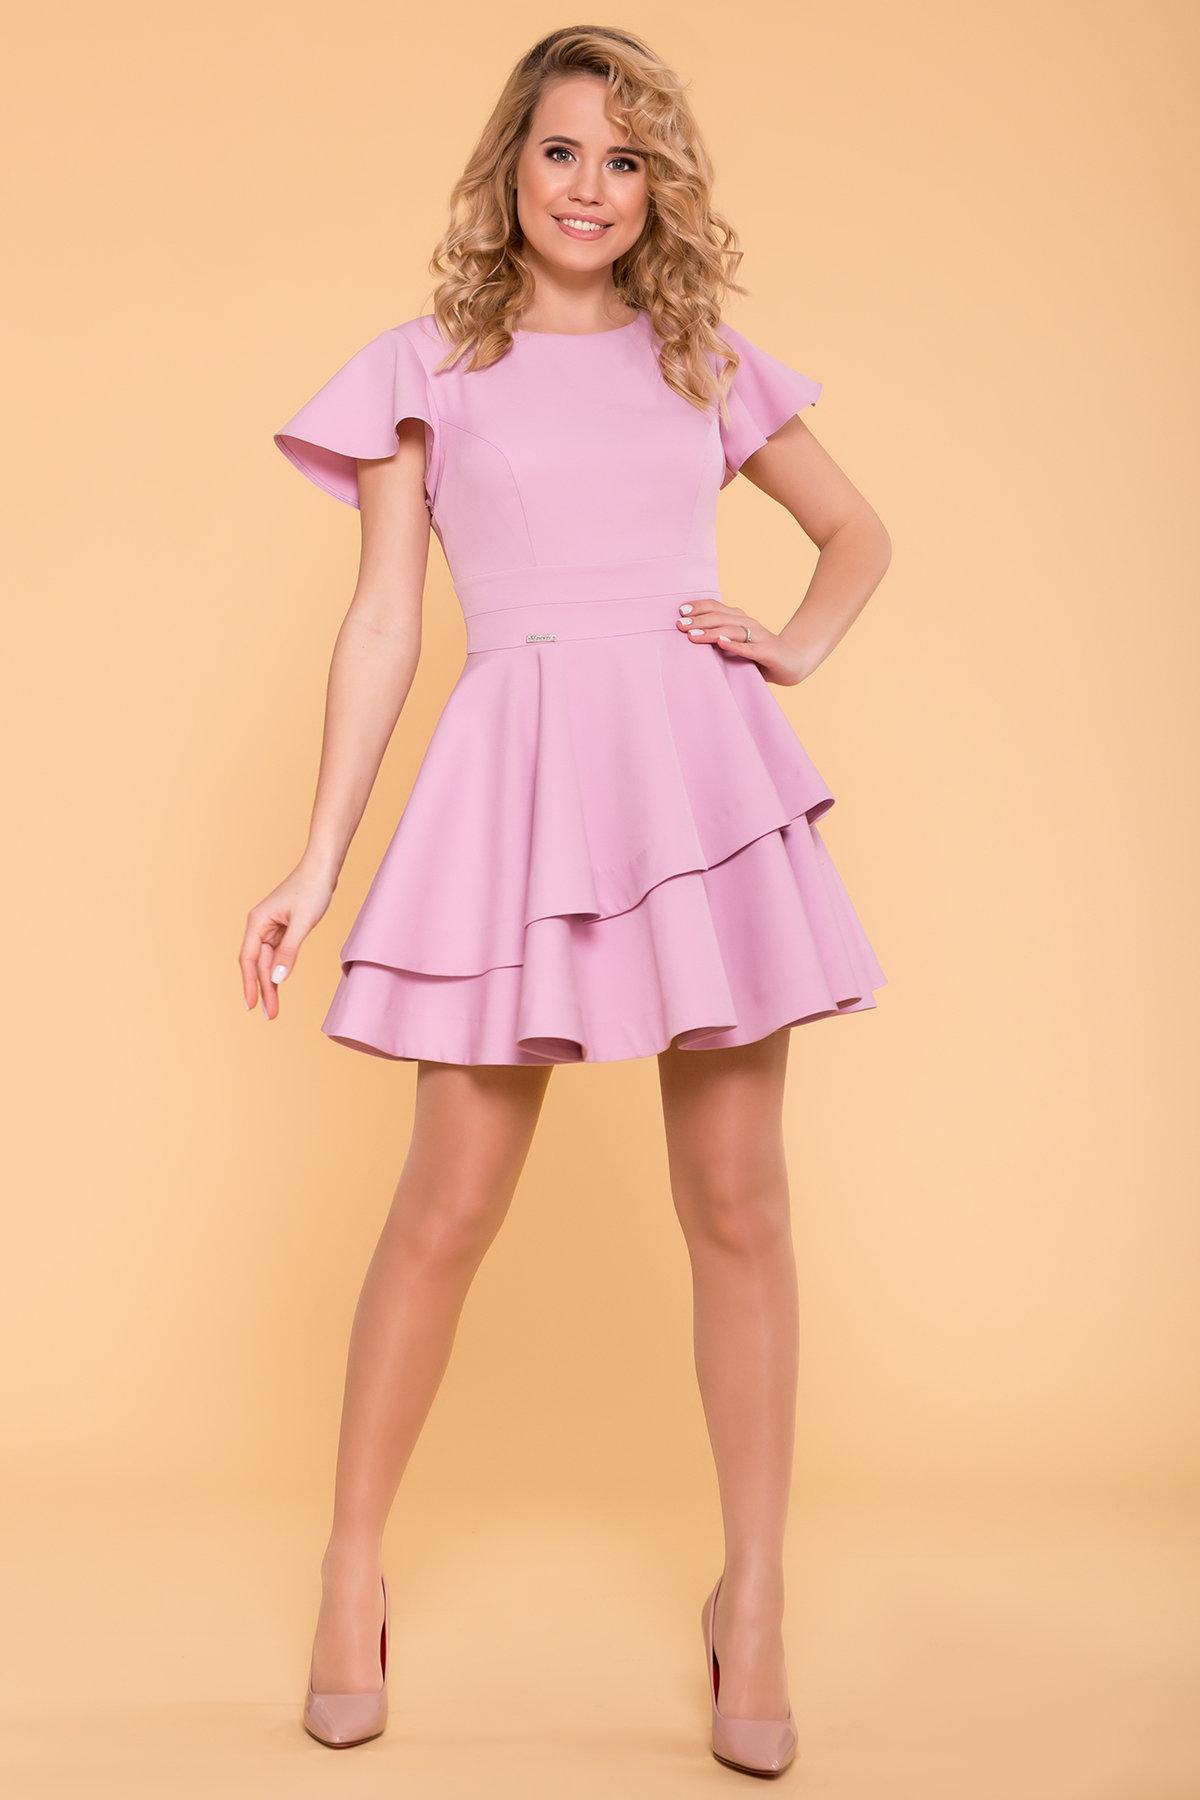 Платье Симур 6888 АРТ. 41987 Цвет: Пудра 3 - фото 2, интернет магазин tm-modus.ru